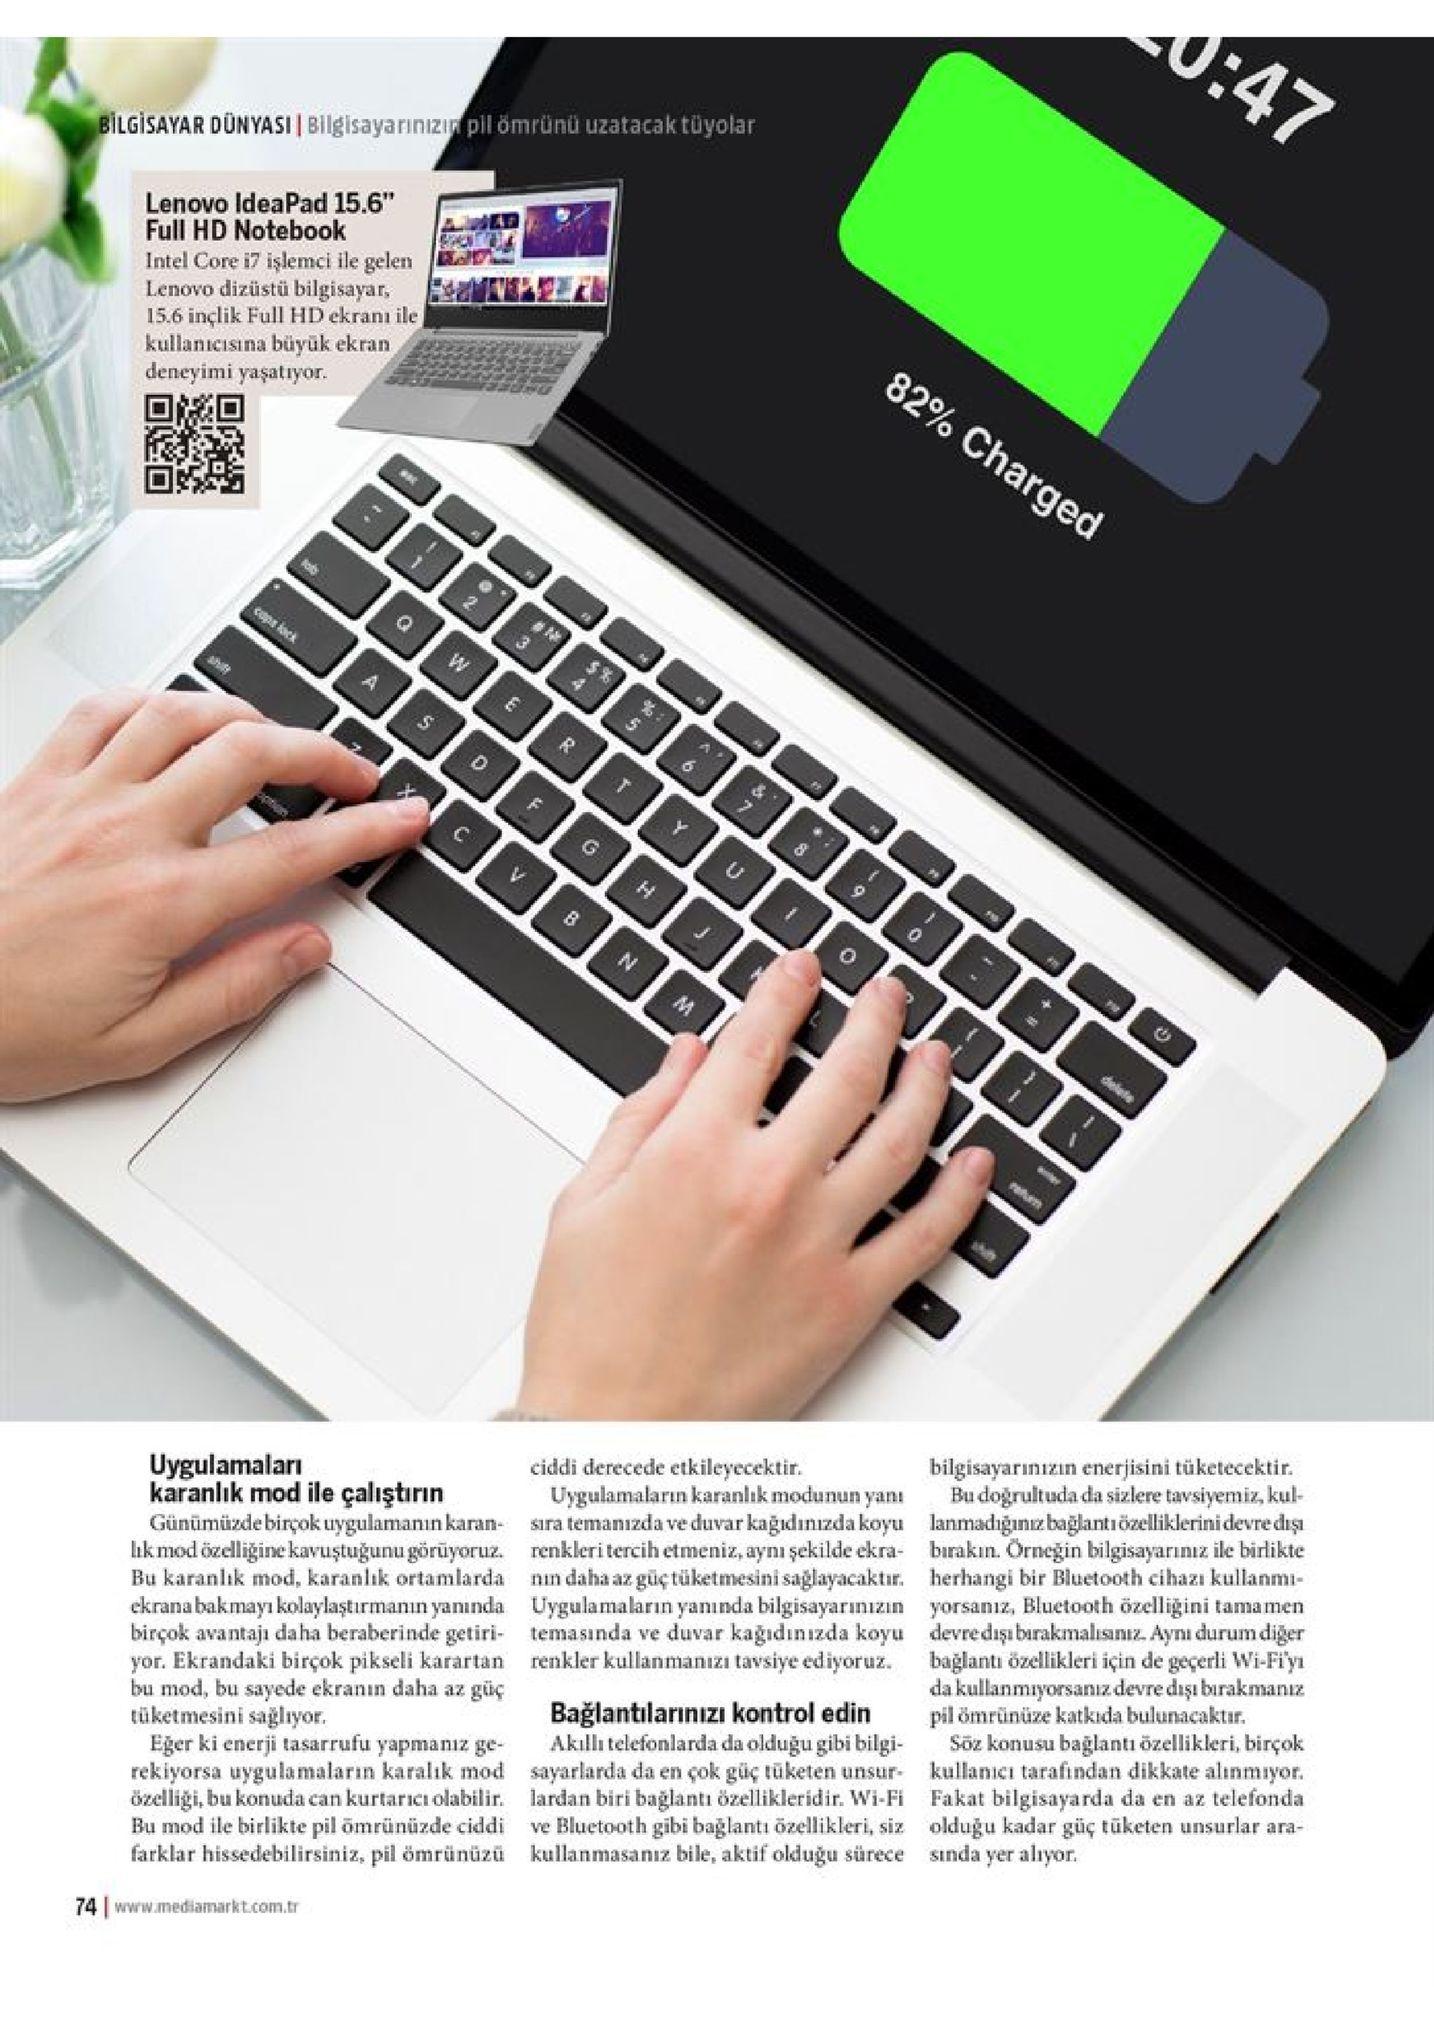 """u:47 pil ömrünü uzatacak tüyolar bilgisayar dünyasii bilgisayarınizi lenovo ideapad 15.6"""" full hd notebook intel core i7 işlemci ile gelen lenovo dizüstü bilgisayar, 15.6 inclik full hd ekranı ile kullanicisına büyük ekran deneyimi yaşatryor. 82% charged cops iocs $% w r c u v n delete n bilgisayarinizin enerjisini tüketecektir. budogrultuda da sizlere tavsiyemiz, kul uygulamaları karanlık mod ile çalıştırın günümüzde birçok uygulamanın karan sira temanizda ve duvar kağıdınızda koyu lanmadiğinız bağlantiözelliklerini devre diş hk mod özelliğine kavuştuğunu görüyoruz. renkleritercih etmeniz, aynı şekilde ekra birakın. örneğin bilgisayarıniz ile birlikte bu karanlık mod, karanlık ortamlarda ekranabakmayı kolaylaştırmanin yanıinda uygulamaların yanında bilgisayarınızin yorsanız, bluetooth özelliğini tamamen birçok avantaji daha beraberinde getiri temasında ve duvar kağıdınızda koyu devredışı burakmalisınız. aynı durum diğer yor. ekrandaki birçok pikseli karartan renkler kullanmanizi tavsiye ediyoruz bu mod, bu sayede ekranin daha az güç tüketmesini sağlıyor eğer ki enerji tasarrufu yapmaniz ge rekiyorsa uygulamaların karalık mod sayarlarda da en çok güç tüketen unsur özelliği, bu konuda can kurtaricı olabilir. lardan biri bağlantı özellikleridir. wi-fi fakat bilgisayarda da en az telefonda bu mod ile birlikte pil omrünüzde ciddi ve bluetooth gibi bağlantı özellikleri, siz olduğu kadar güç tüketen unsurlar ara- farklar hissedebilirsiniz, pil ömrünüzü kullanmasanız bile, aktif olduğu sürece sinda yer aliyor ciddi derecede etkileyecektir. uygulamaların karanlık modunun yanı herhangi bir bluetooth cihazı kullanmi bağlantı özellikleri için de geçerli wi-fi'y dakullanmıyorsanıiz devre dişı barakmanz pil ömrünüze katkida bulunacaktir. söz konusu bağlantı özellikleri, birçok kullanicı tarafindan dikkate alınmiyor nin daha az güçtüketmesini sağlayacaktır. bağlantılarınızi kontrol edin akilltelefonlarda da olduğu gibi bilgi 74 www.mediamarkt.com.tr"""